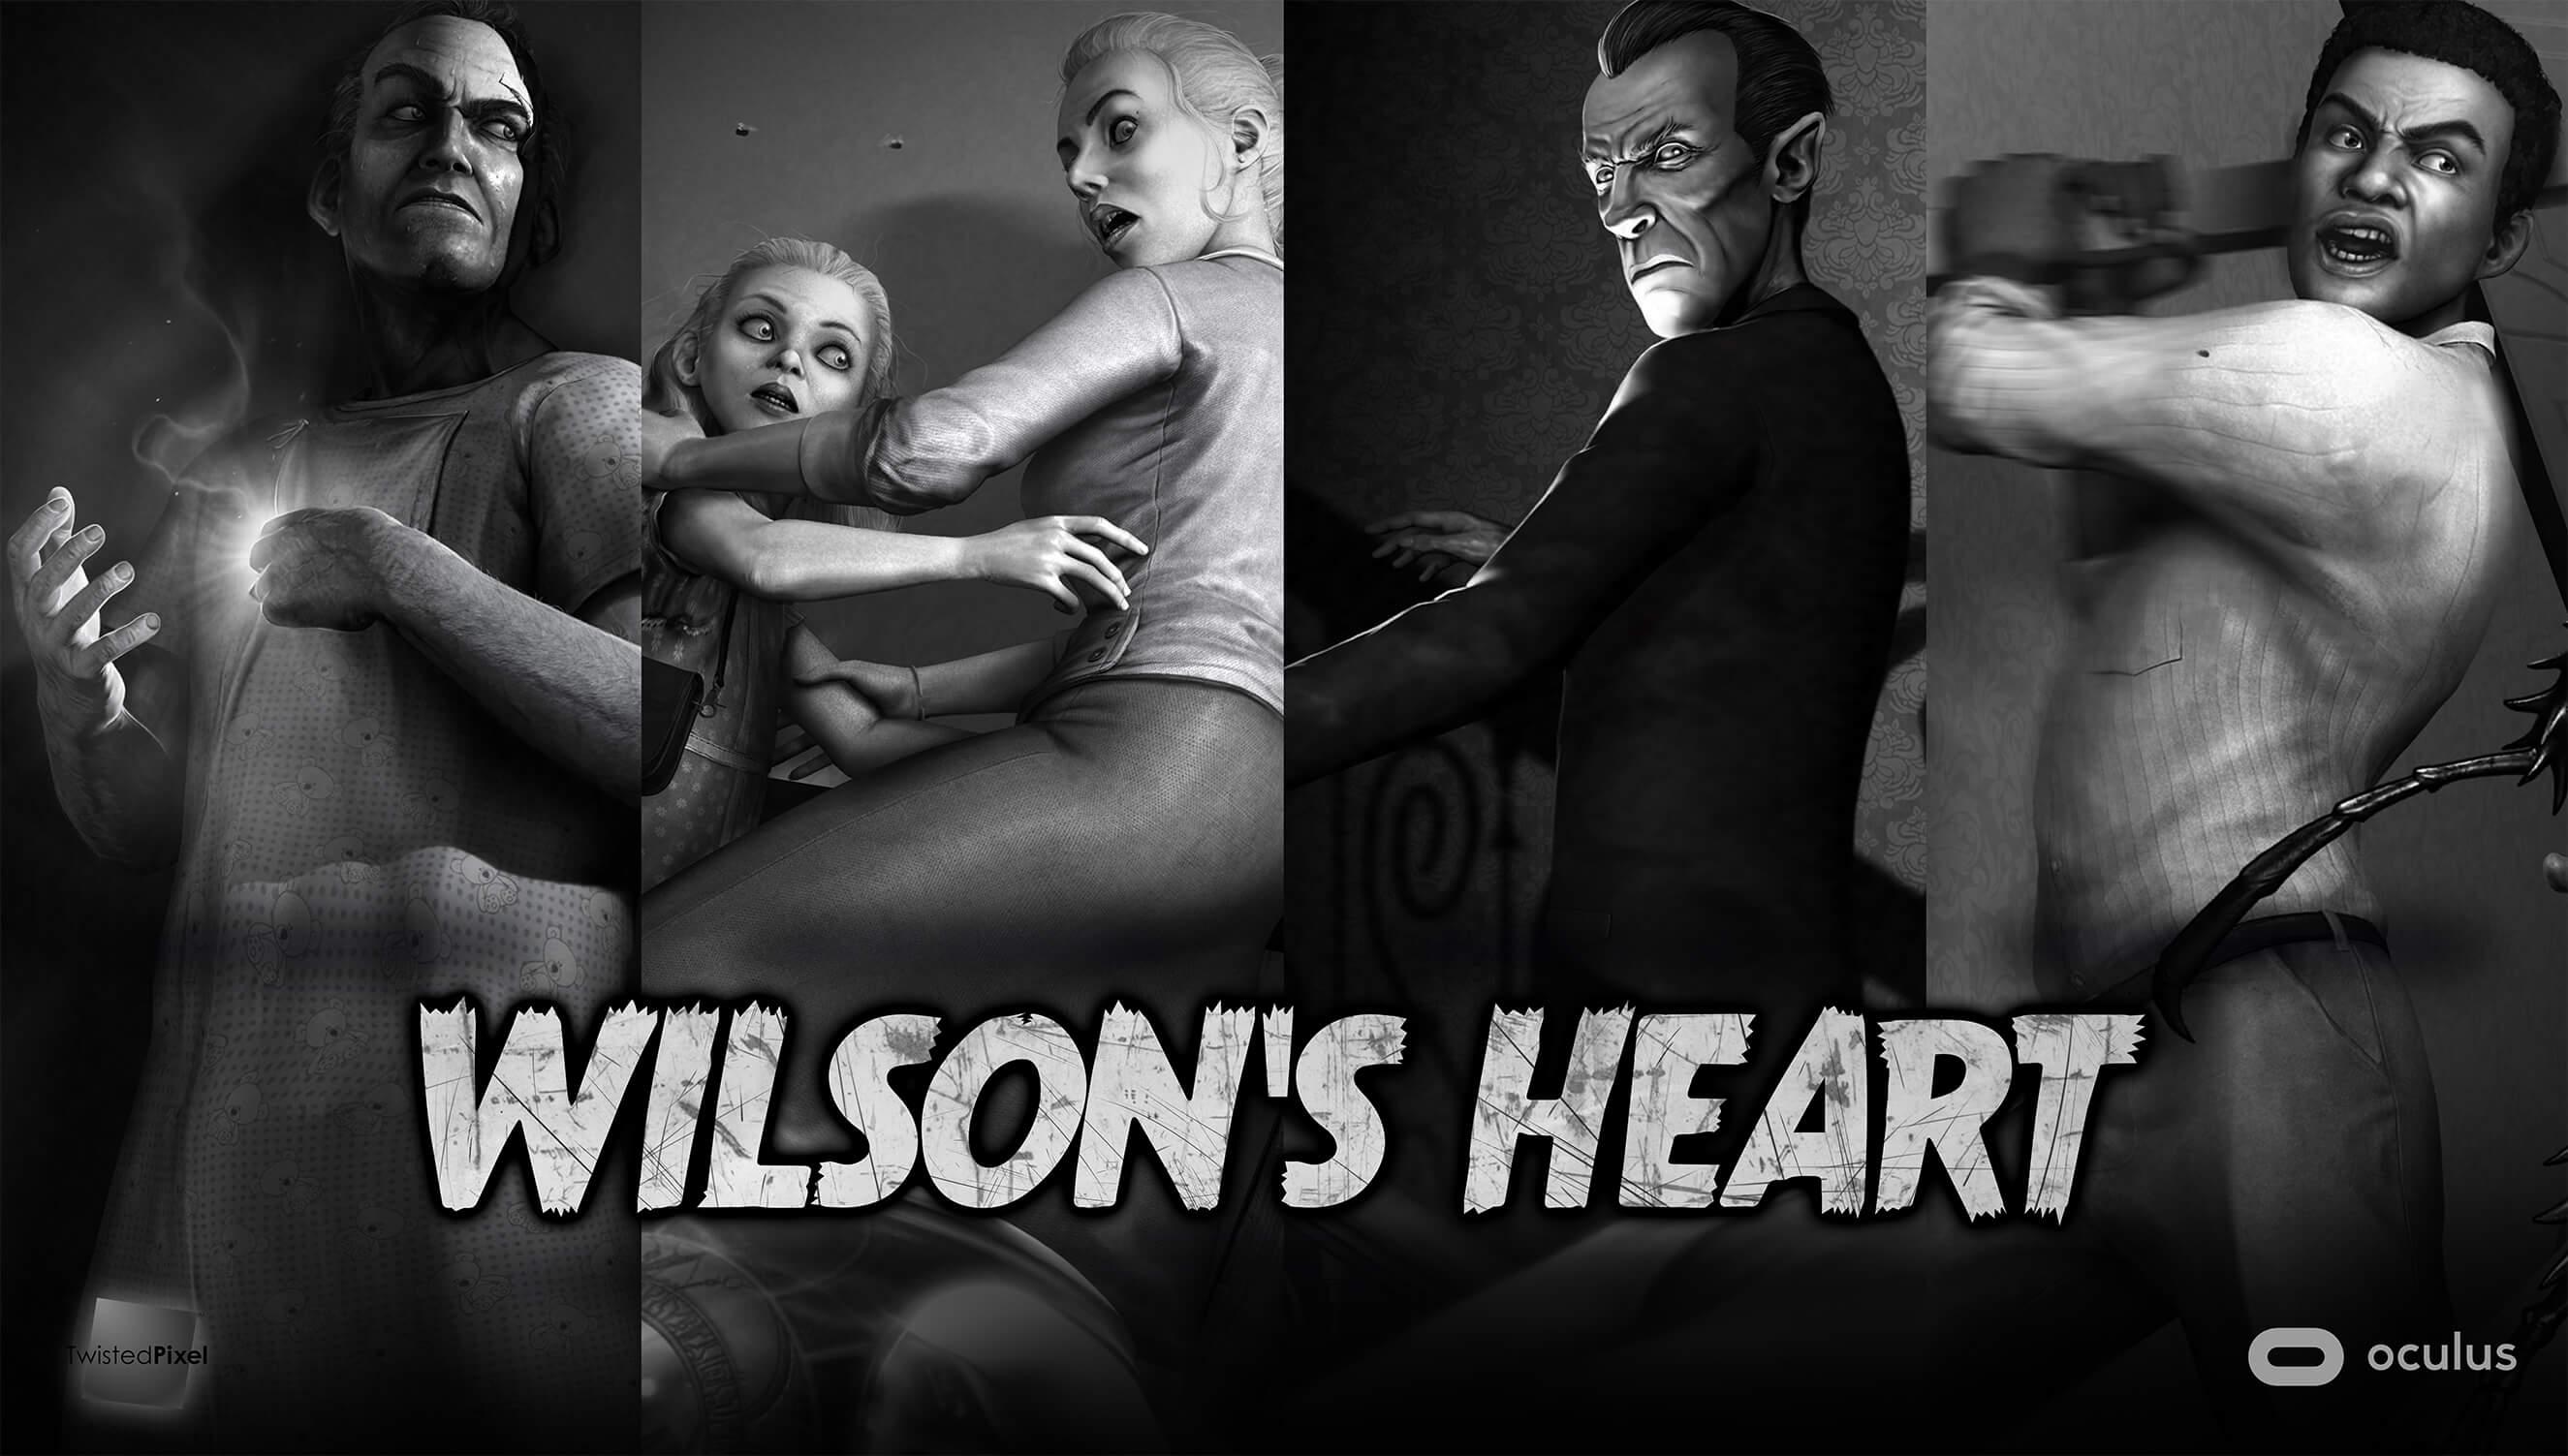 Wilsons Heart – Erscheint für Oculus am 25. April